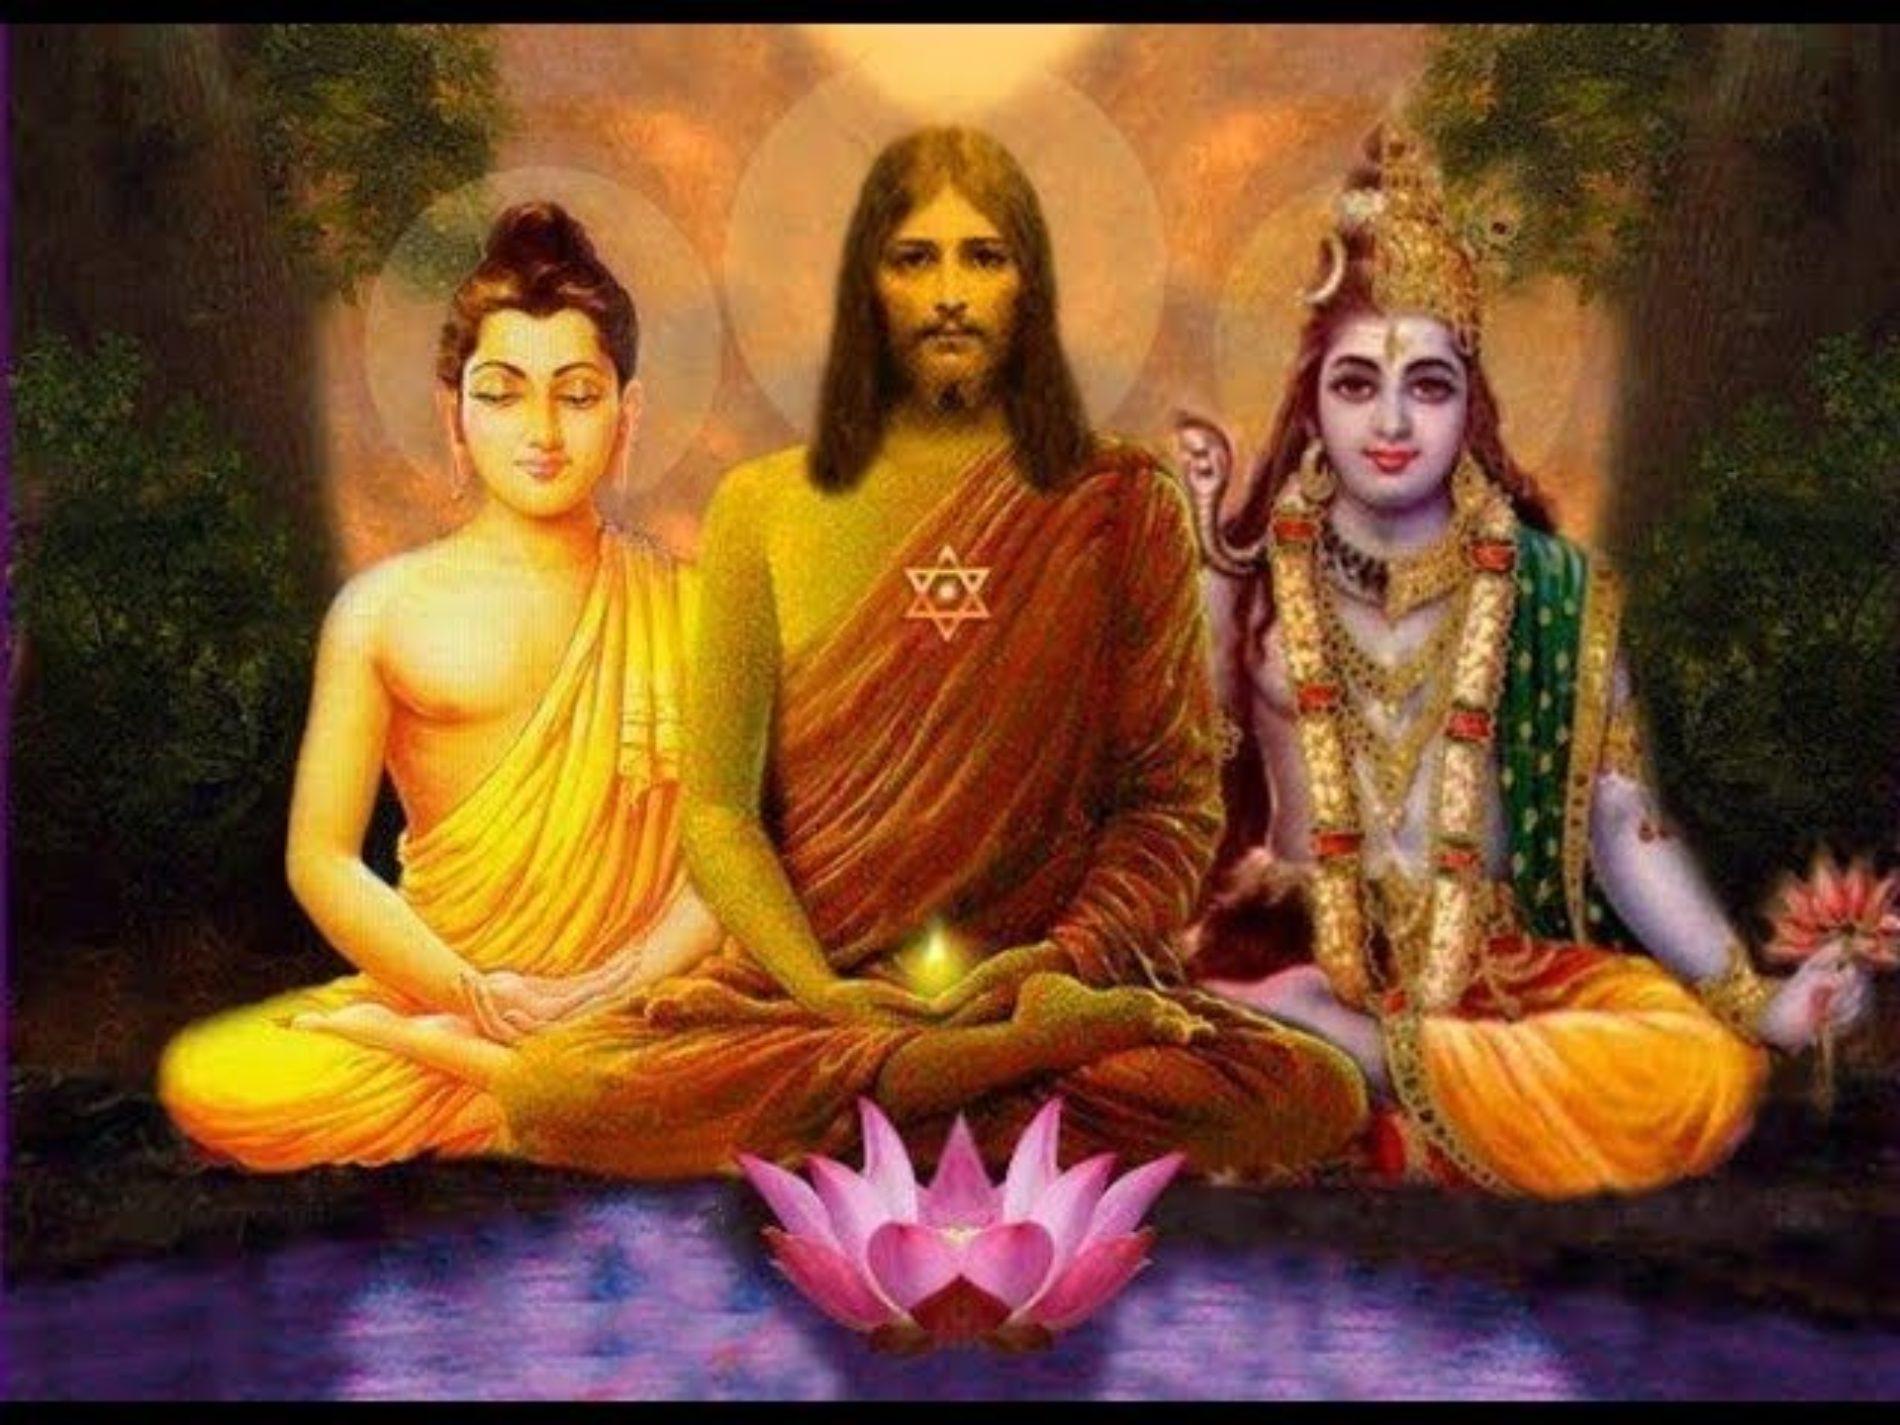 Эклектизм как отсутствие умелого выбора духовной традиции — Бхиккху Бодхи